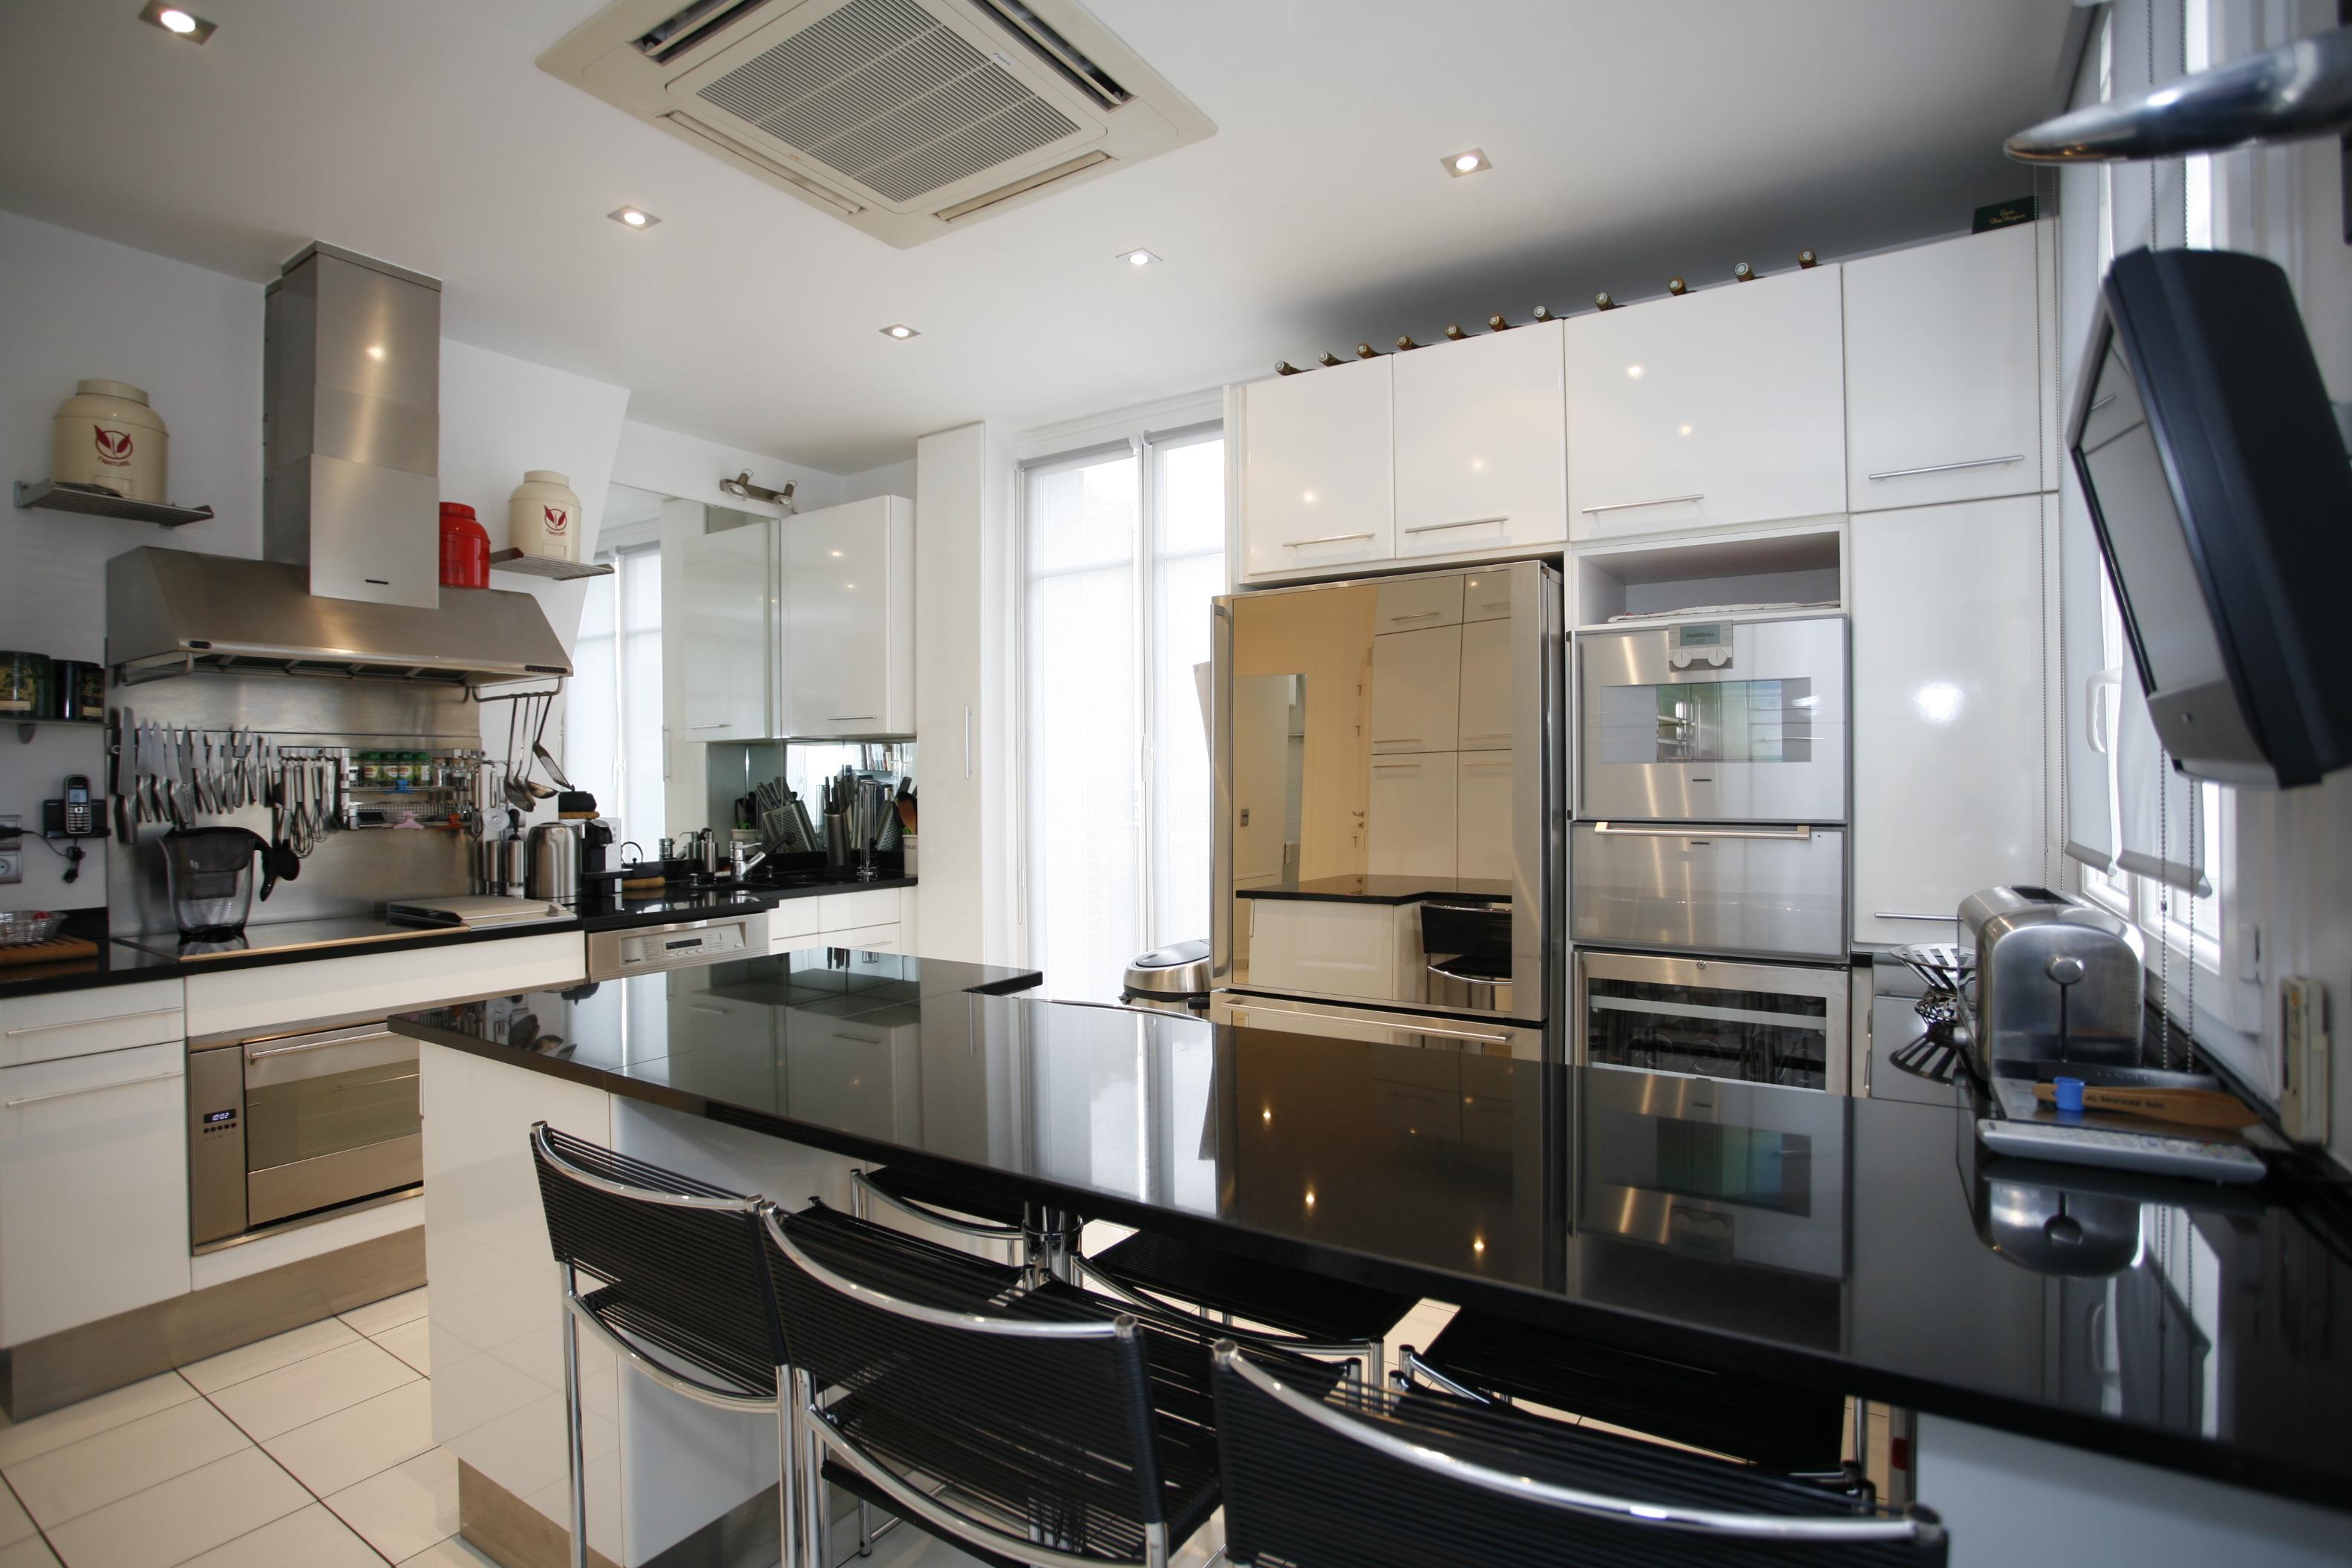 Appartements paris d couvrez 10 cuisines dignes des - Belles cuisines traditionnelles ...